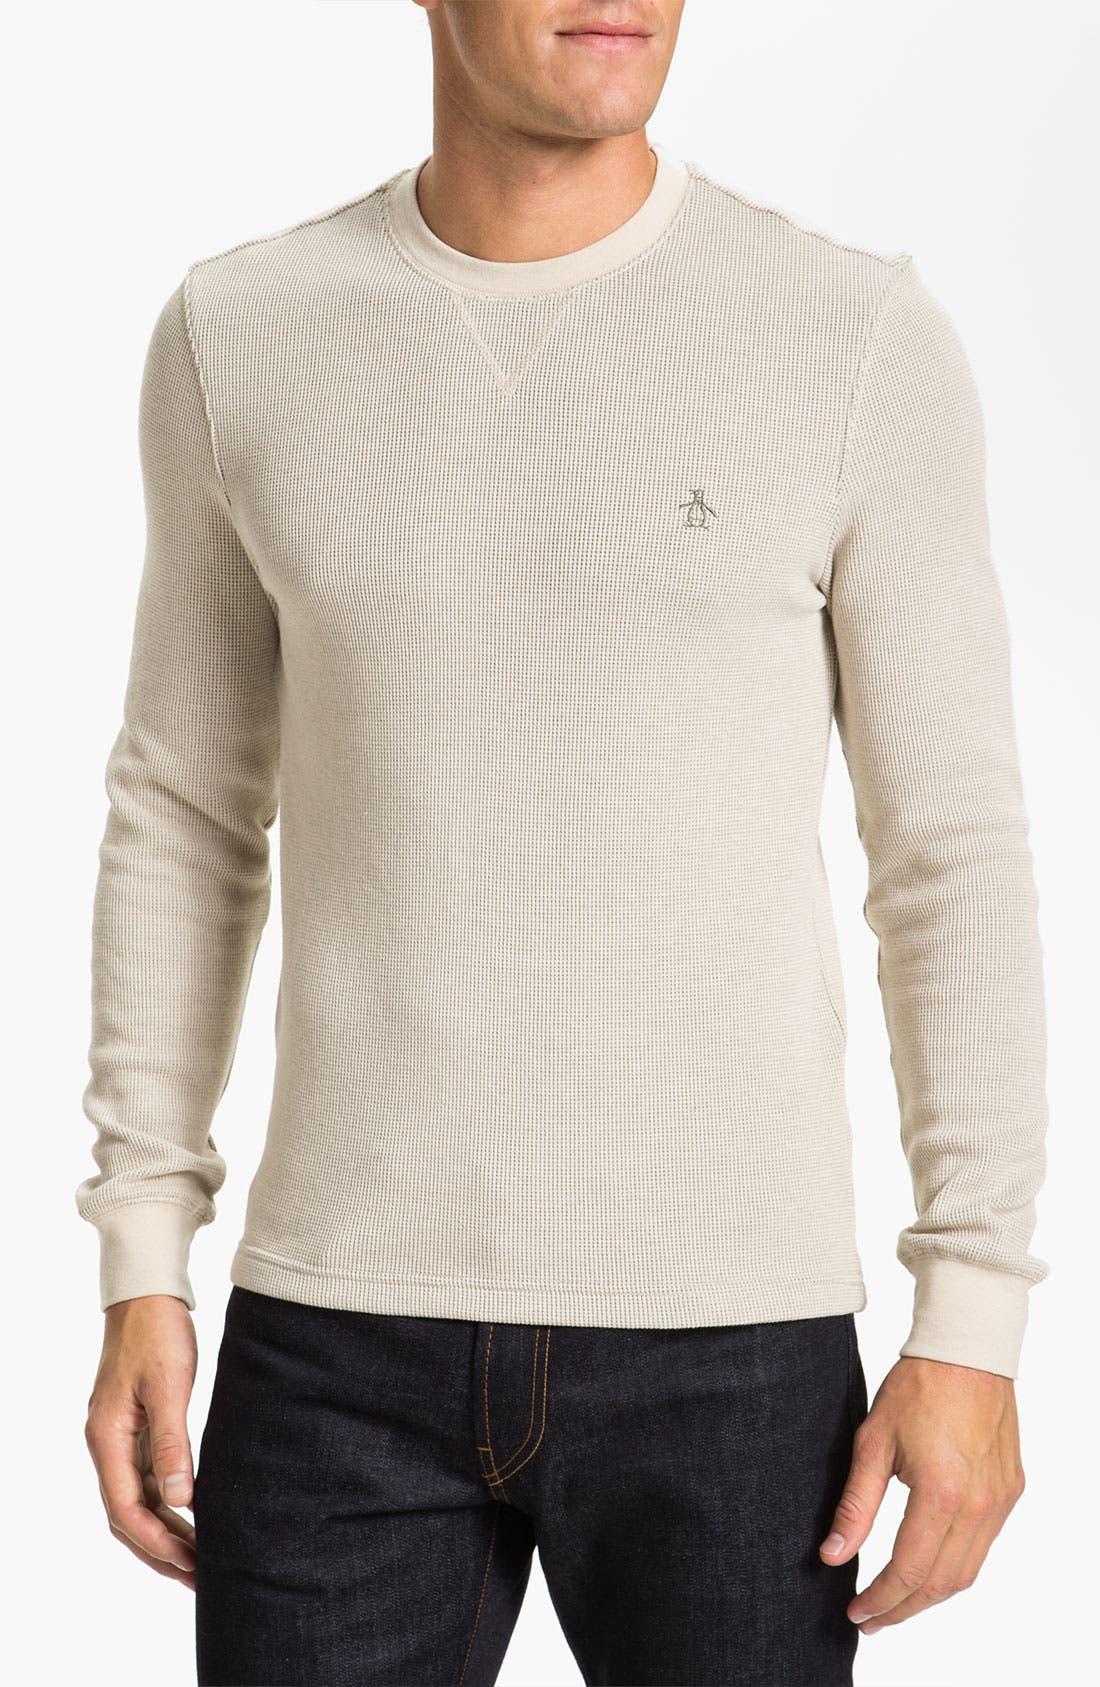 Alternate Image 1 Selected - Original Penguin 'Bernardo' Crewneck Thermal T-Shirt